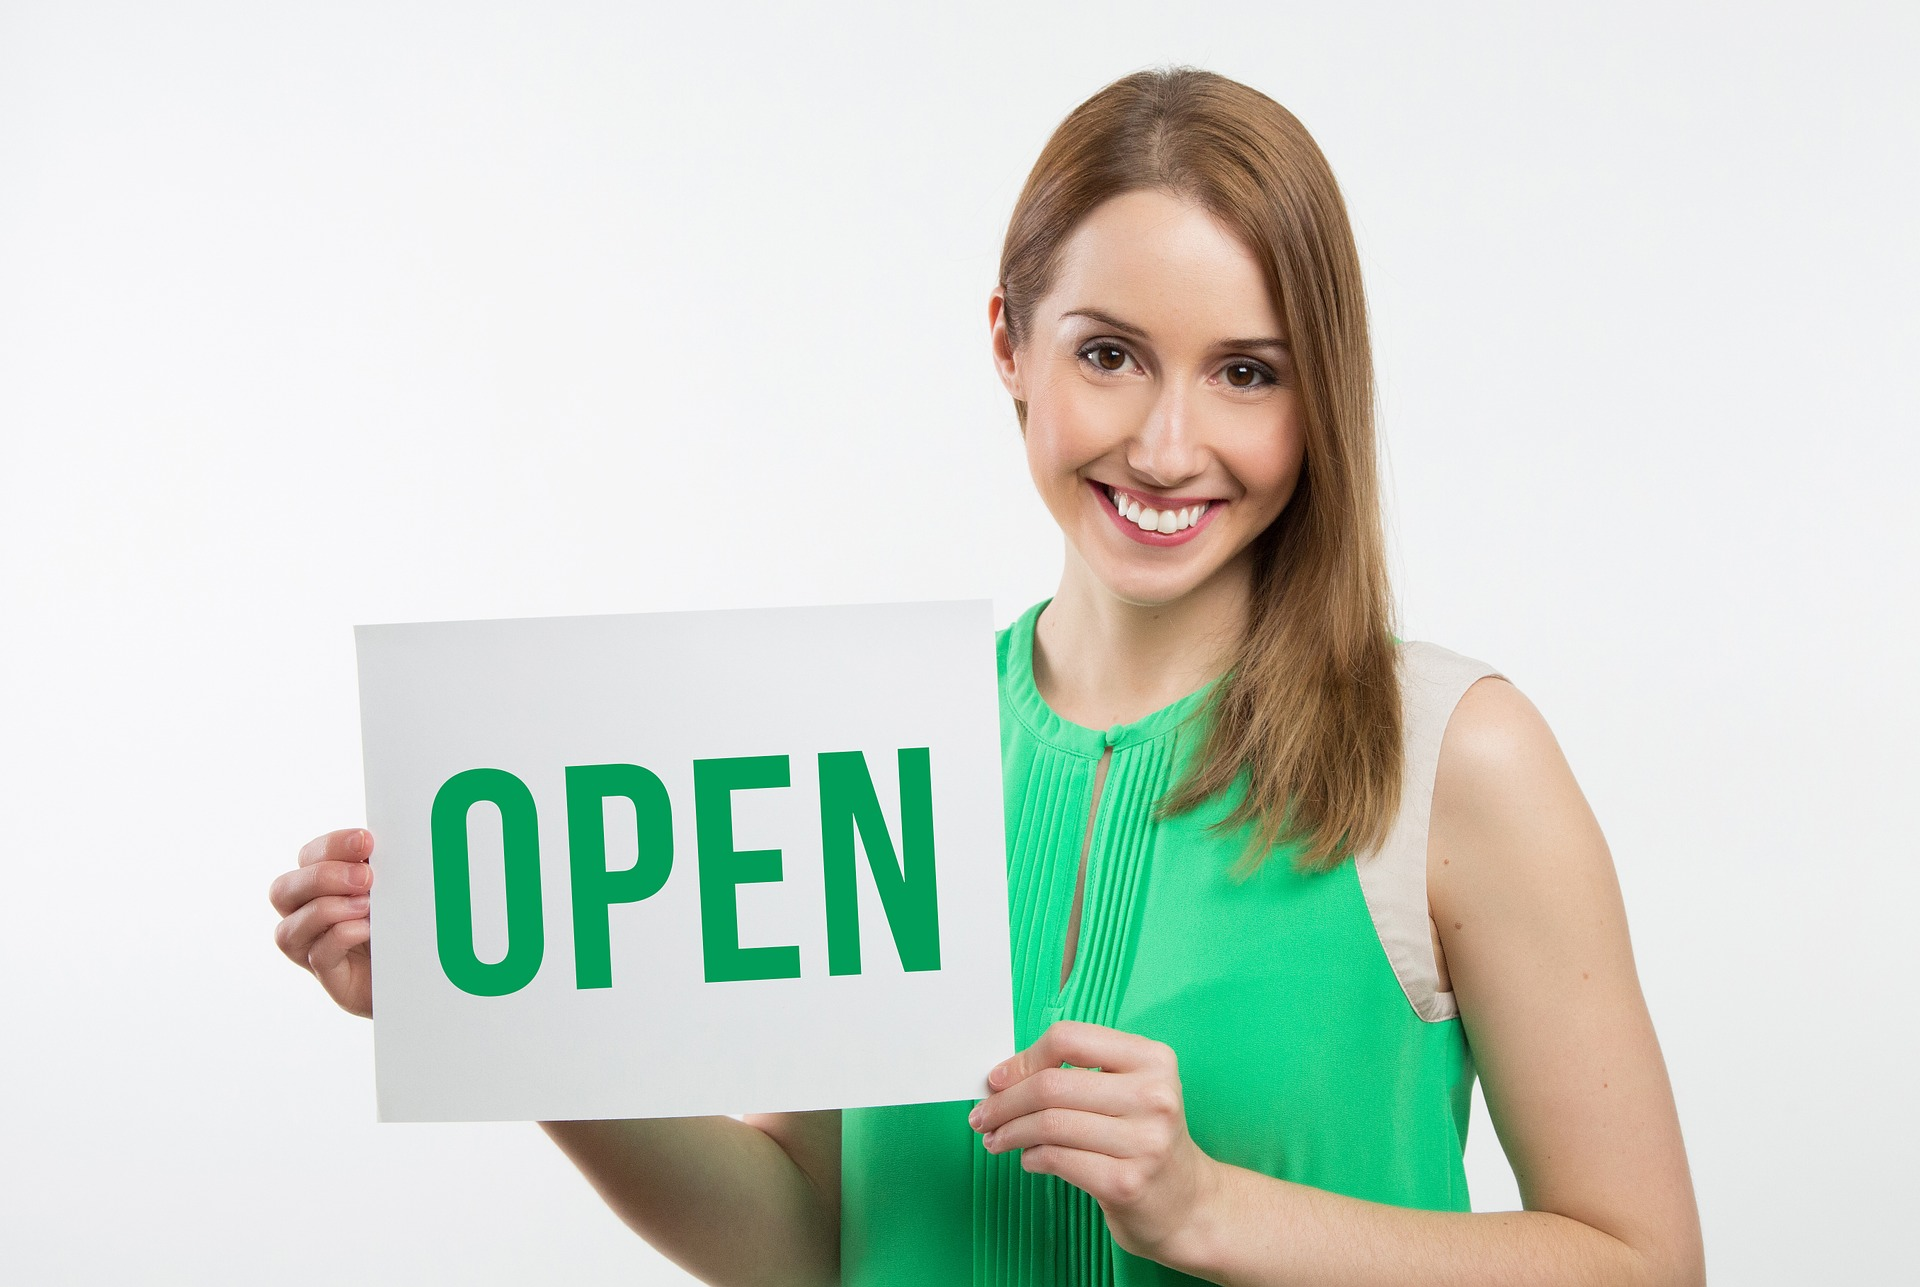 Cabinet de conseil en entreprises grenoble assurances marseille offres et prestataires - Cabinet de conseil marseille ...